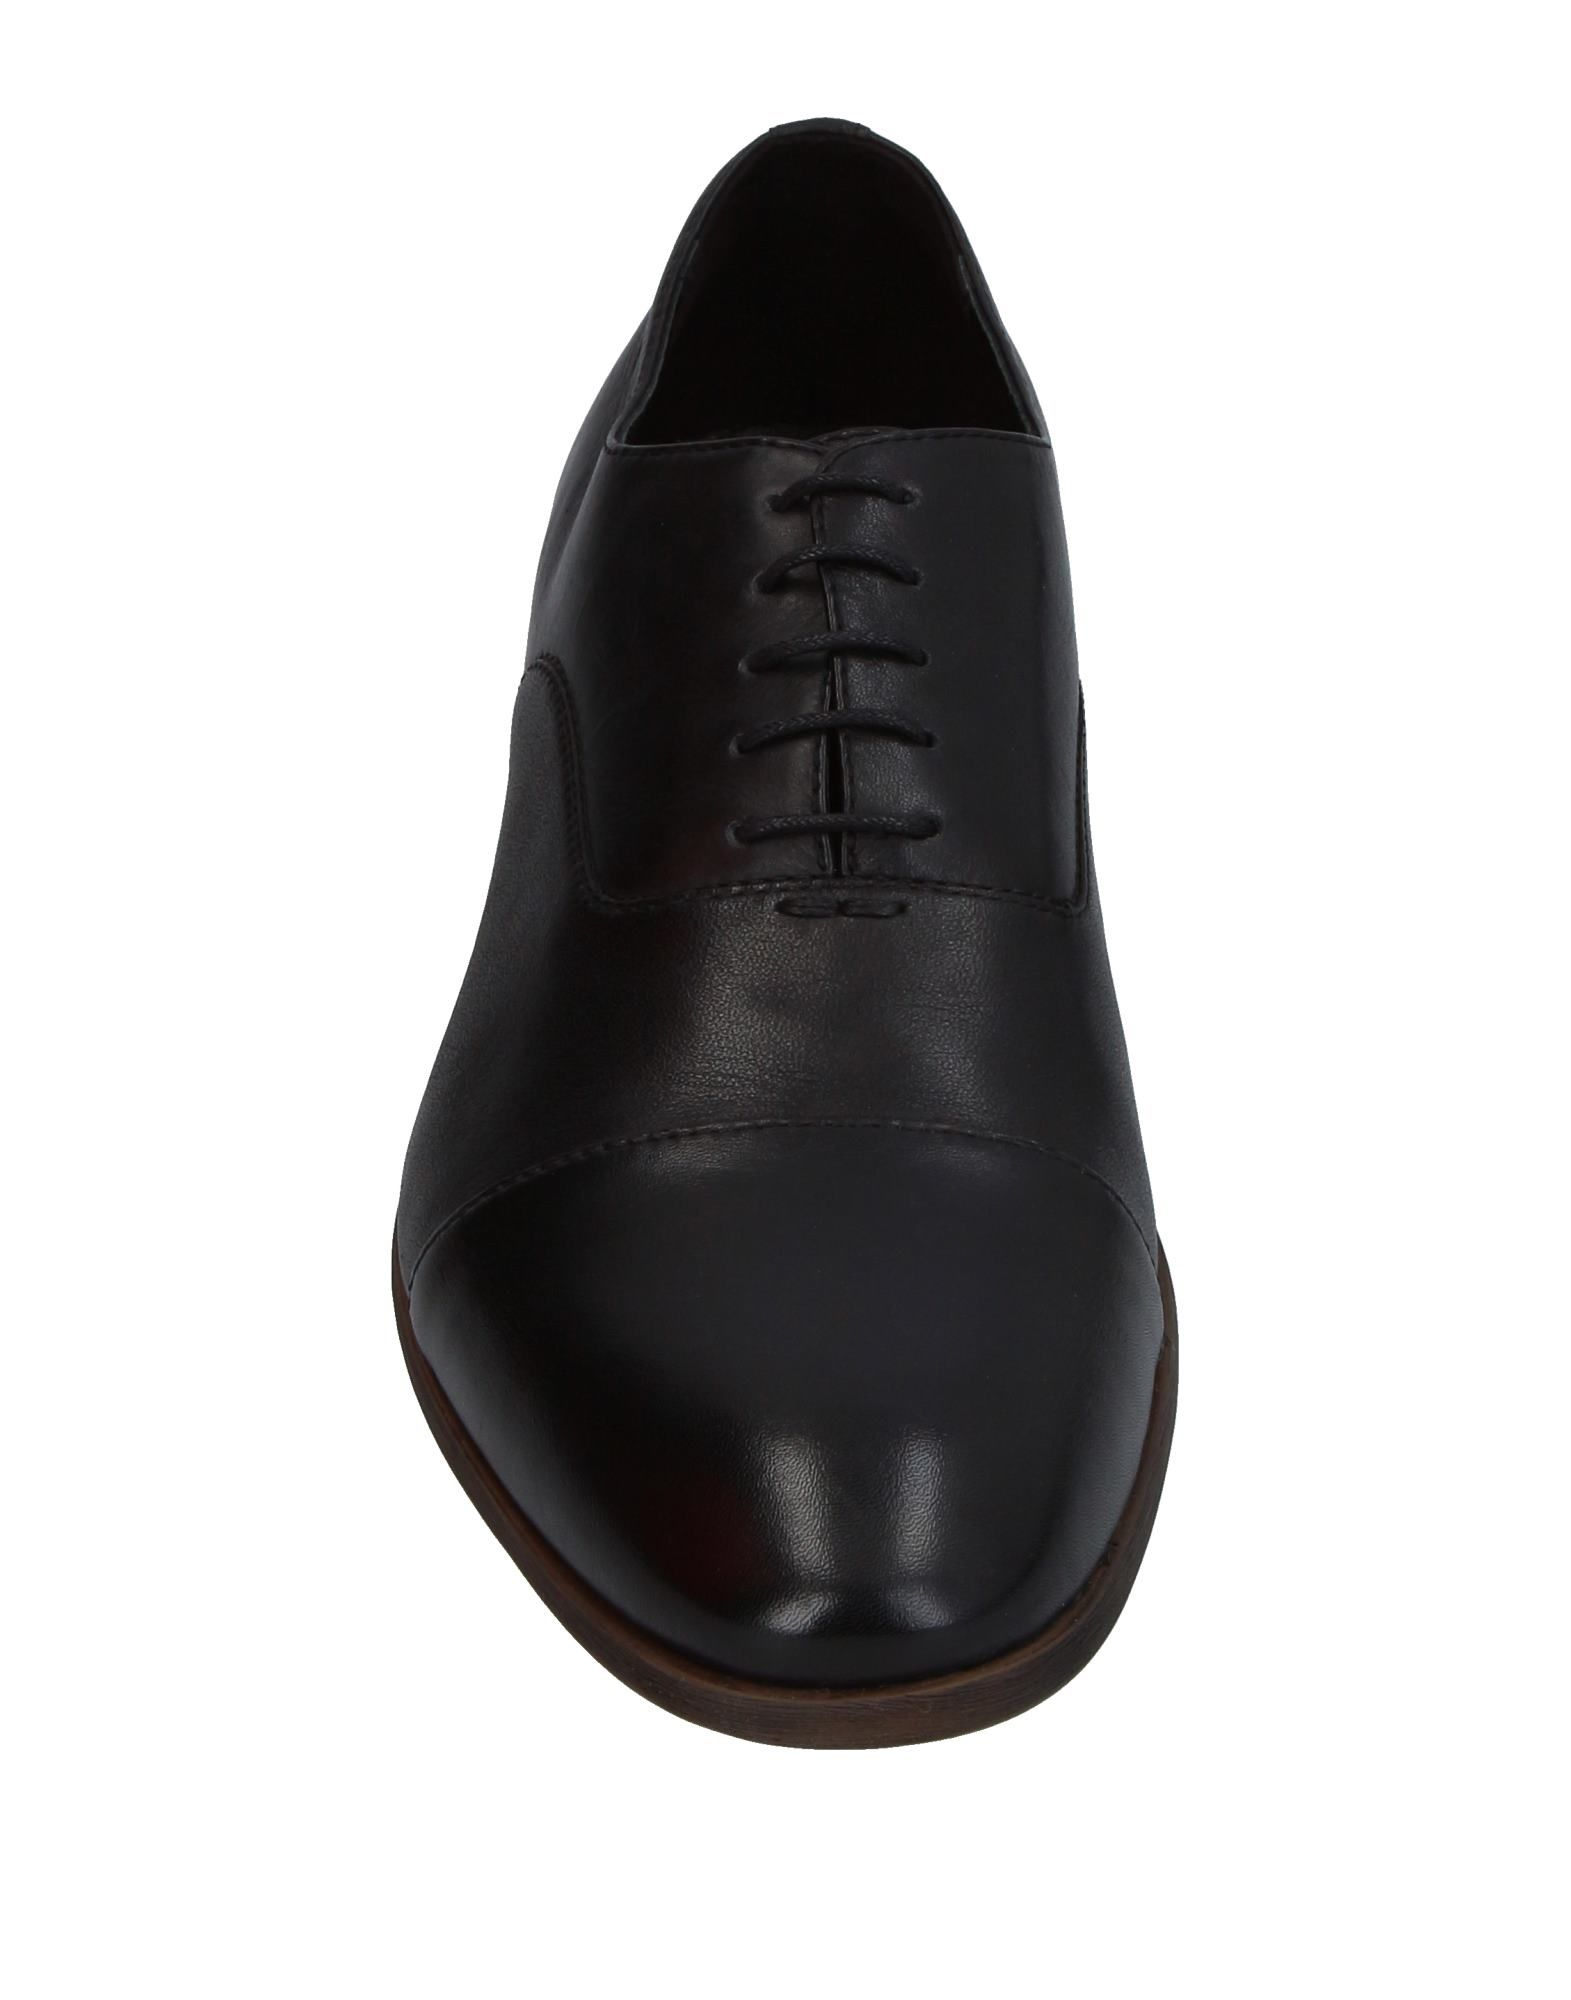 36.5C/D EU VAGABOND SHOEMAKERS Chaussures à lacets homme.  Bas Femme - Noir - Noir  28 EU Skechers 14716 K79a7Tq